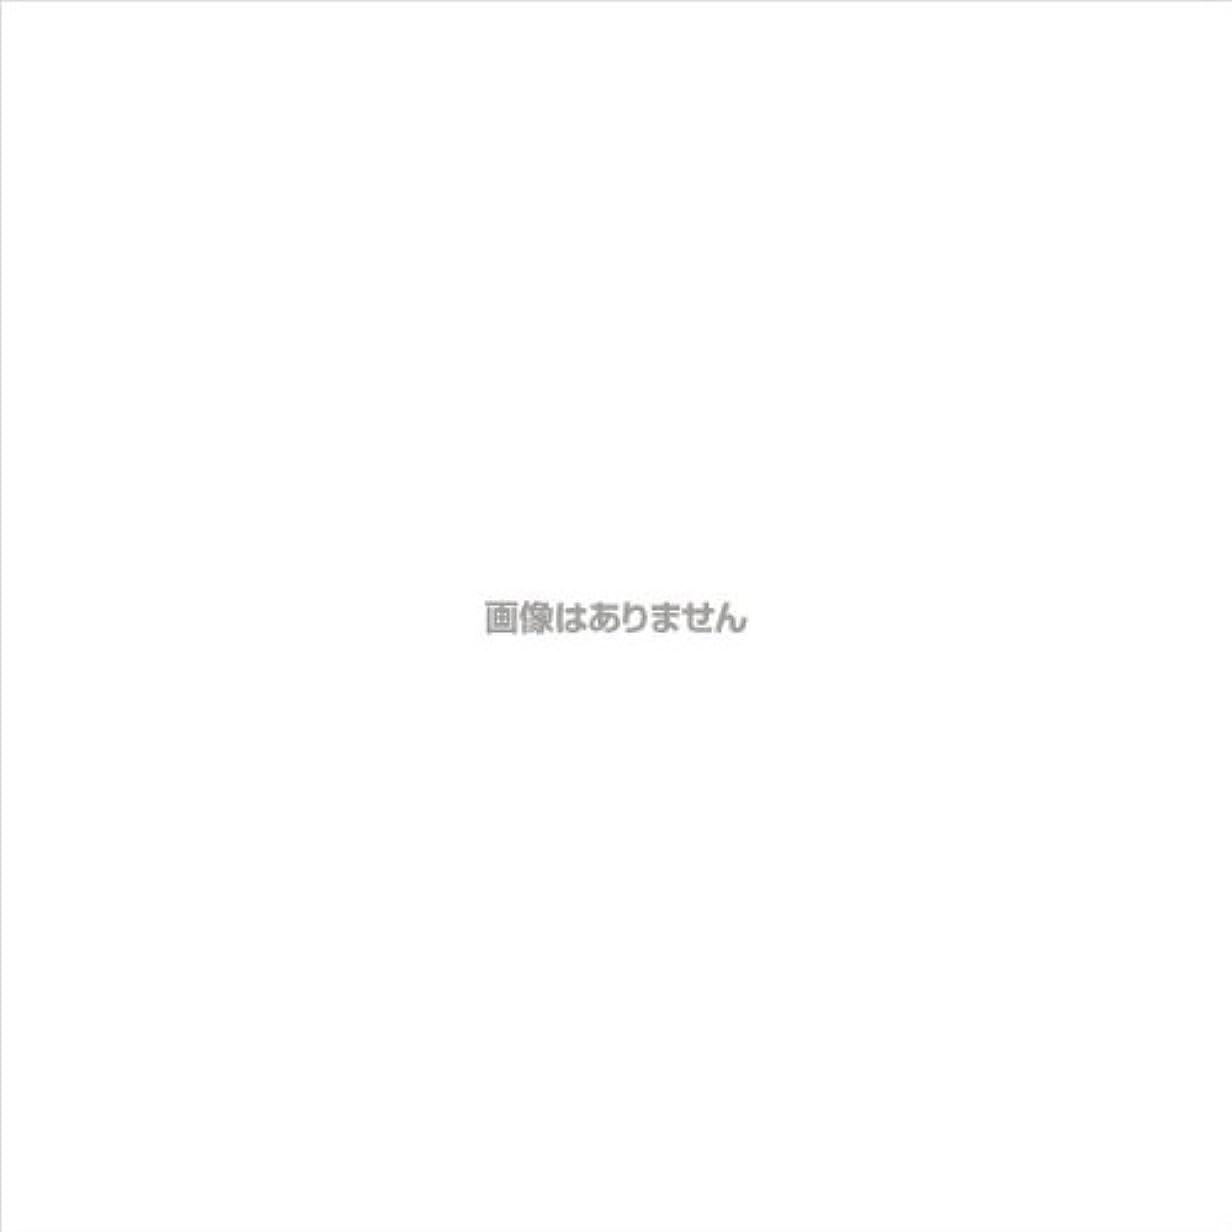 極貧楽しい洋服ニトリルNEOプラス パウダーフリー / 574 L ホワイト 100枚入 ケース(20箱入)